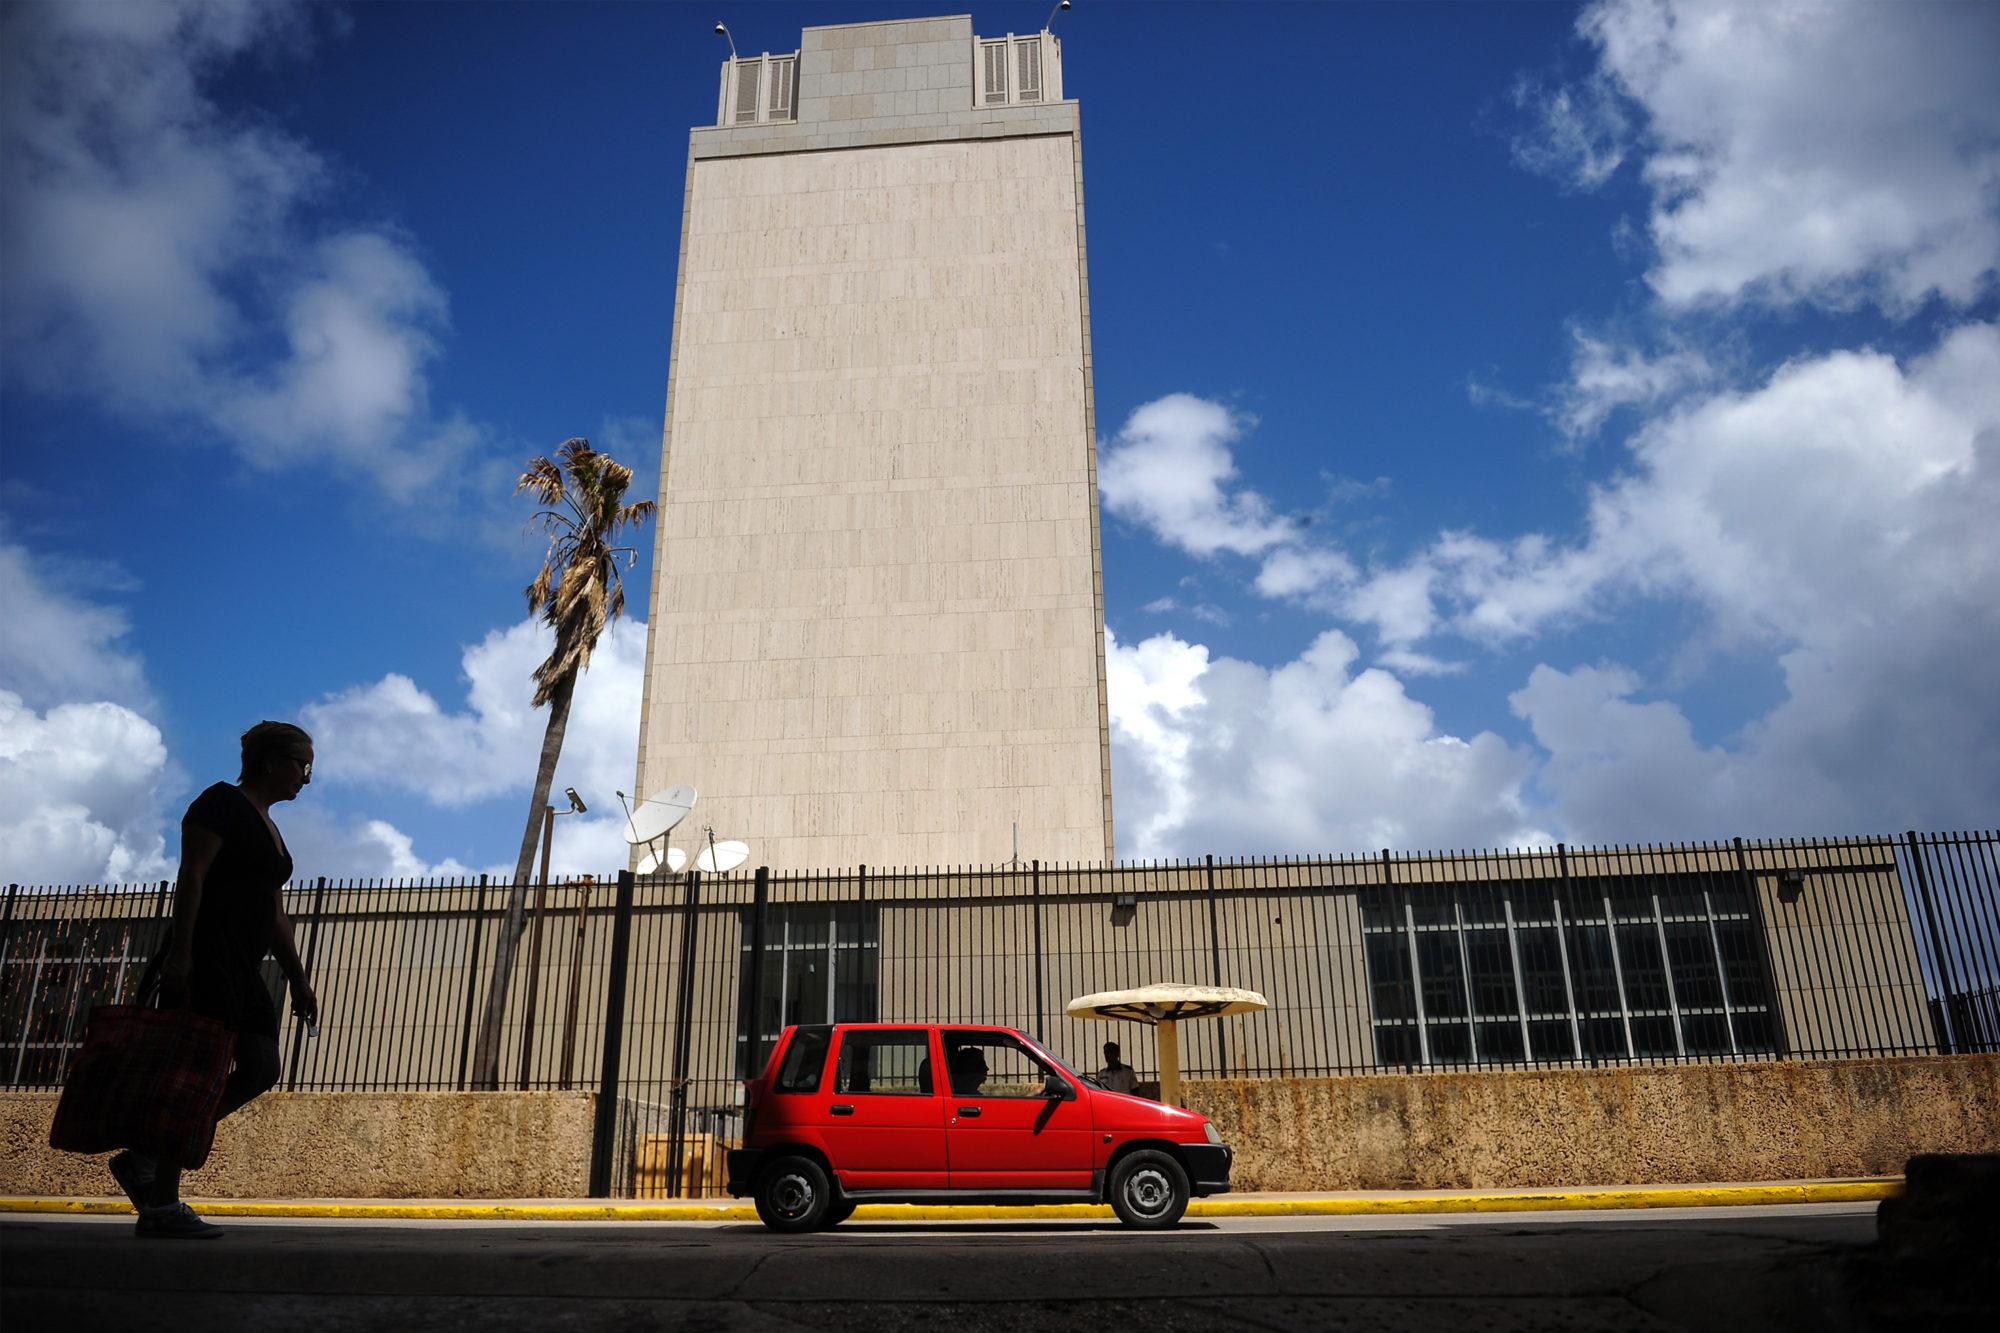 El extraño caso de los diplomáticos Americanos en Cuba: el misterio se intensifica y las divisiones en Washington también